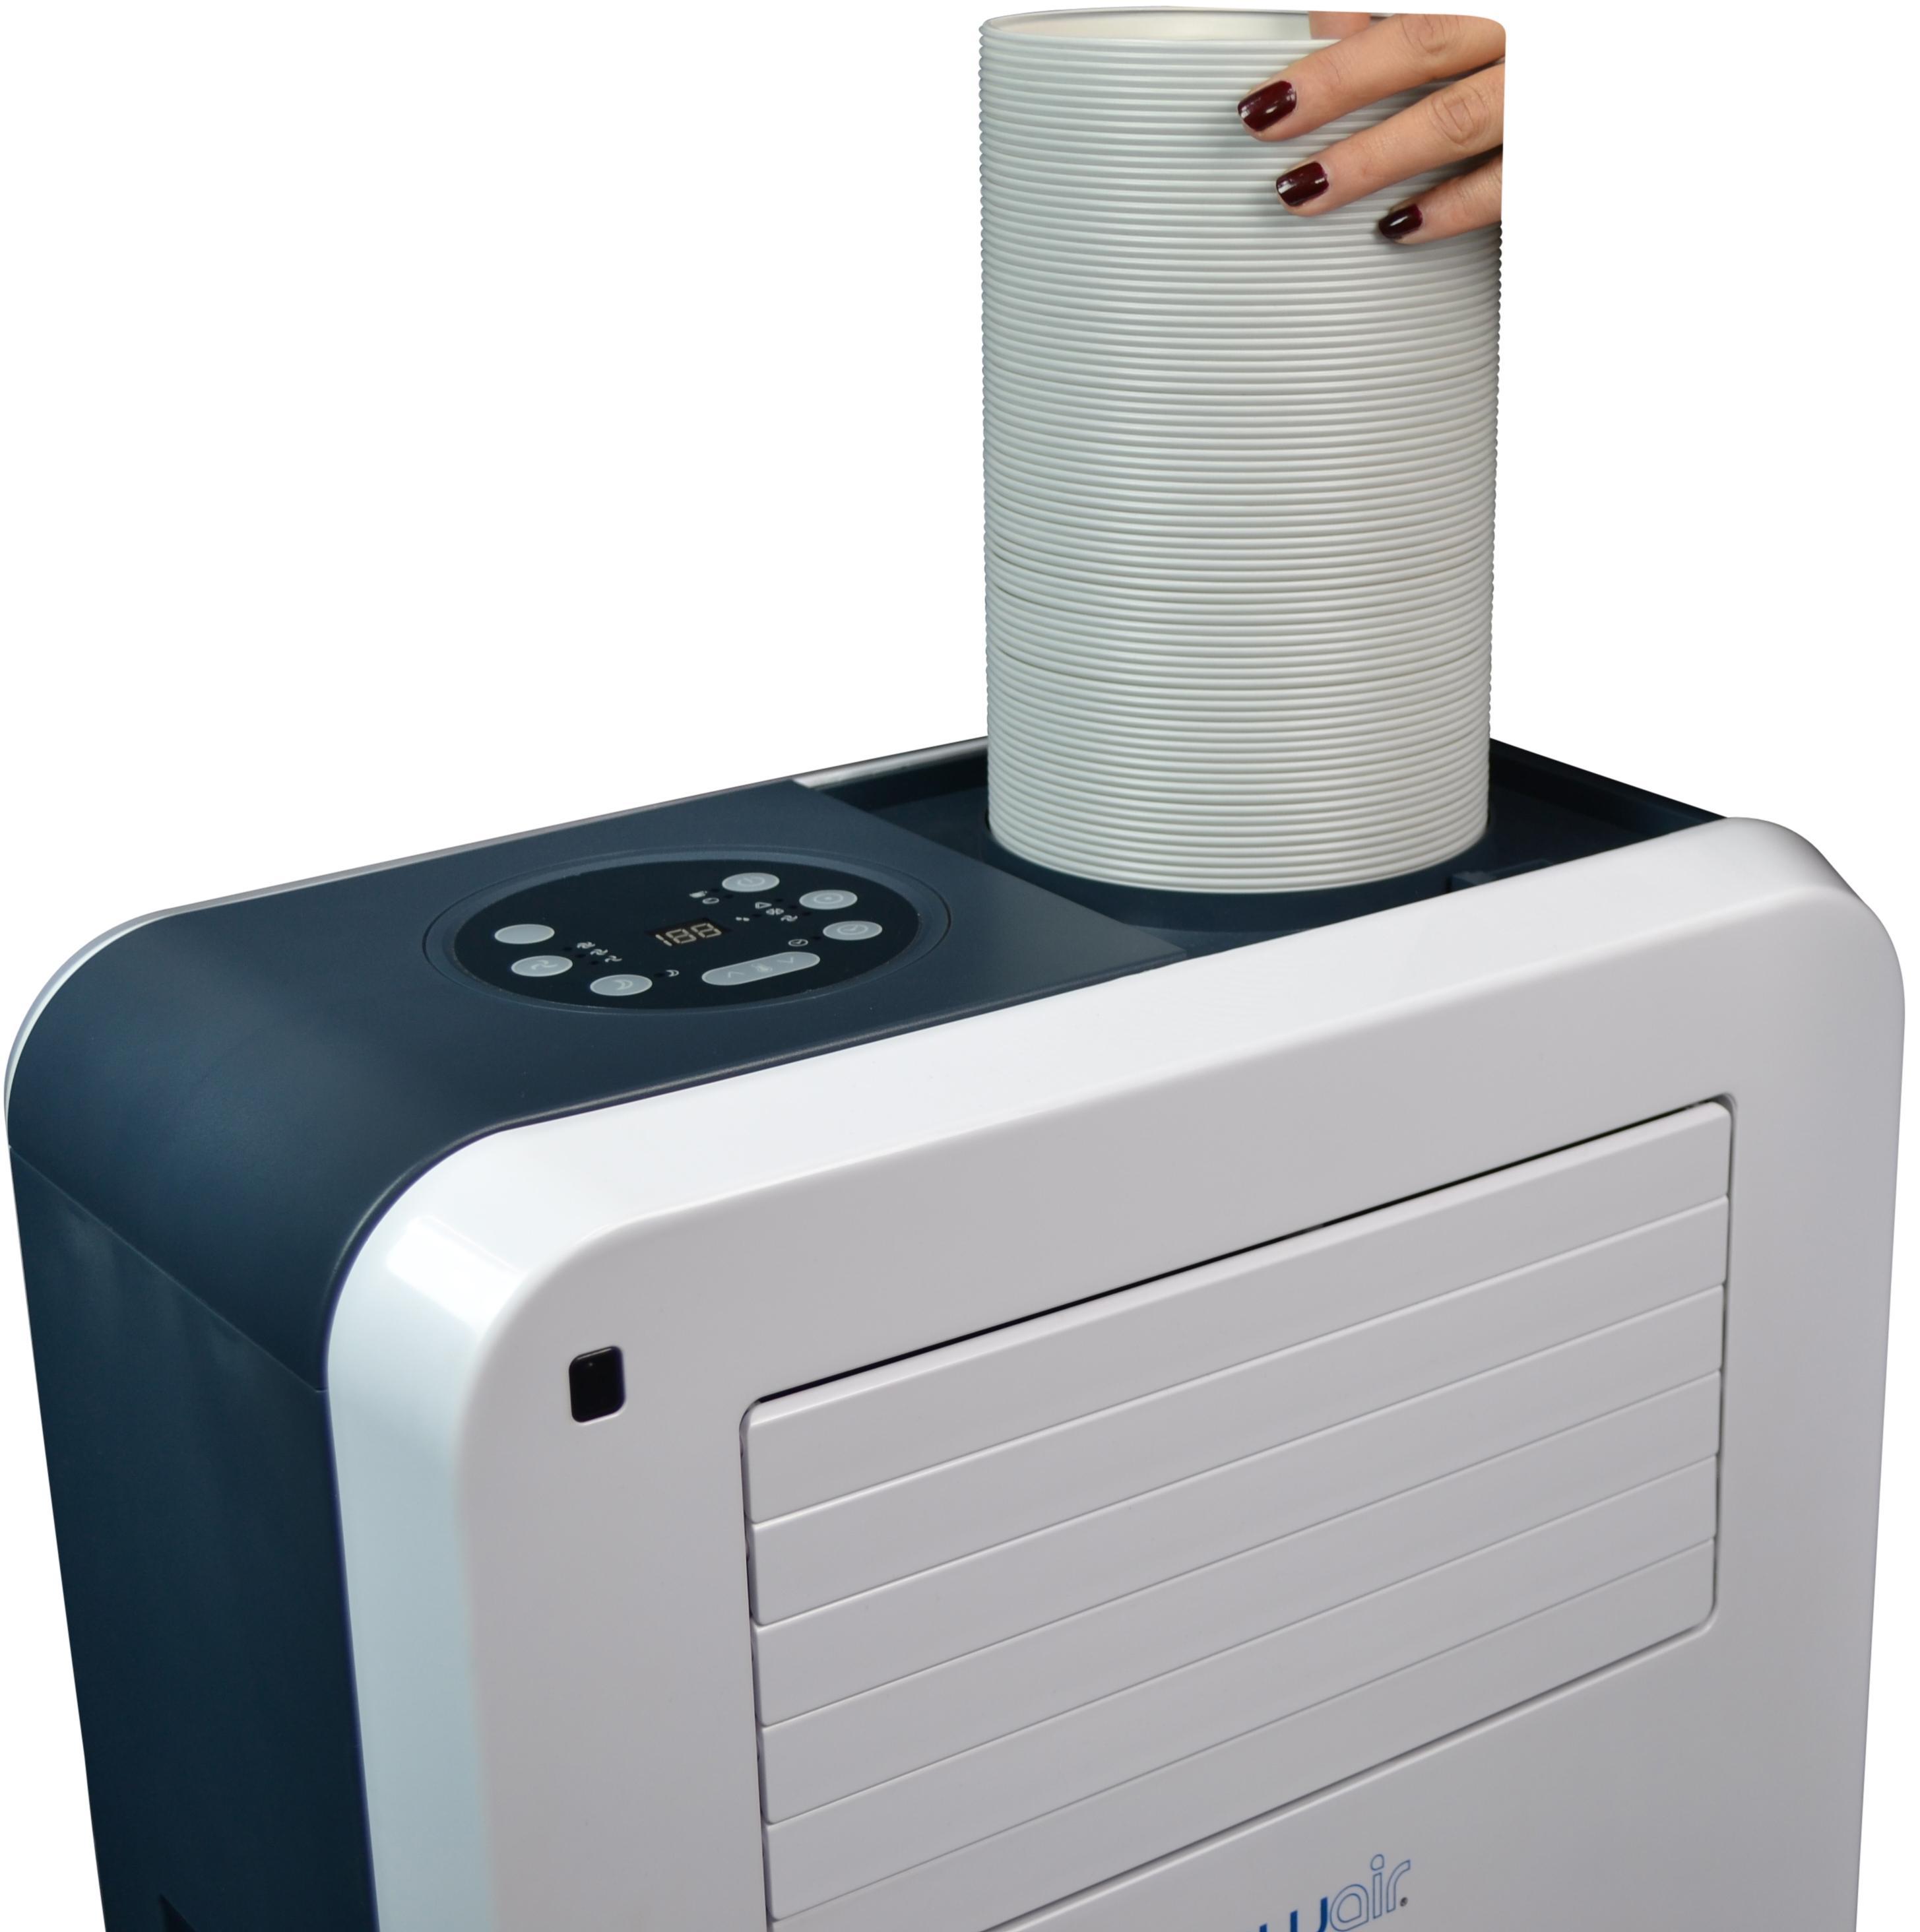 Amazon.com NewAir AC 12200E Portable Air Conditioner   #895C42